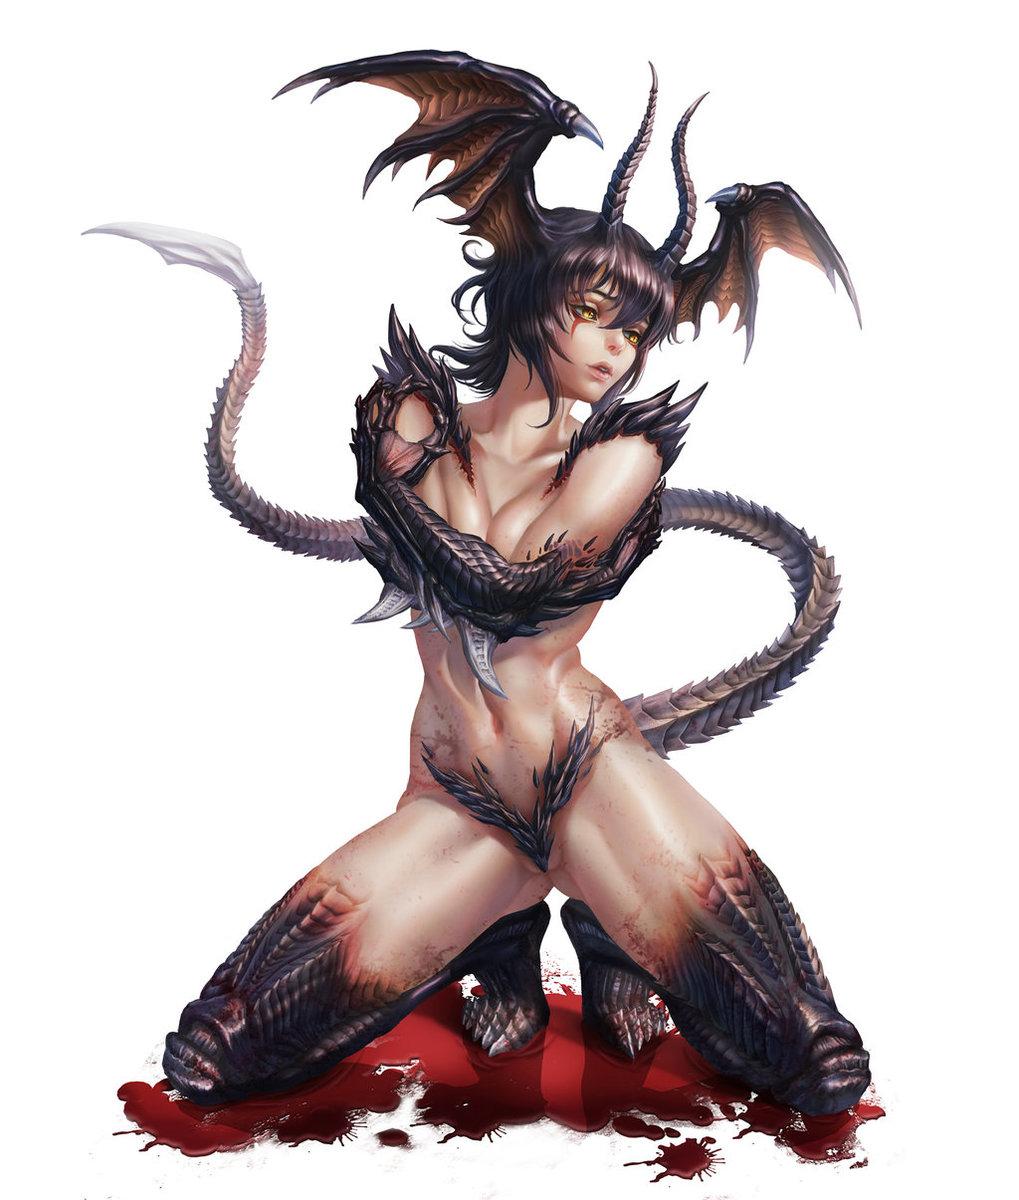 devilman_lady_by_gsd748-daf7a99.jpg